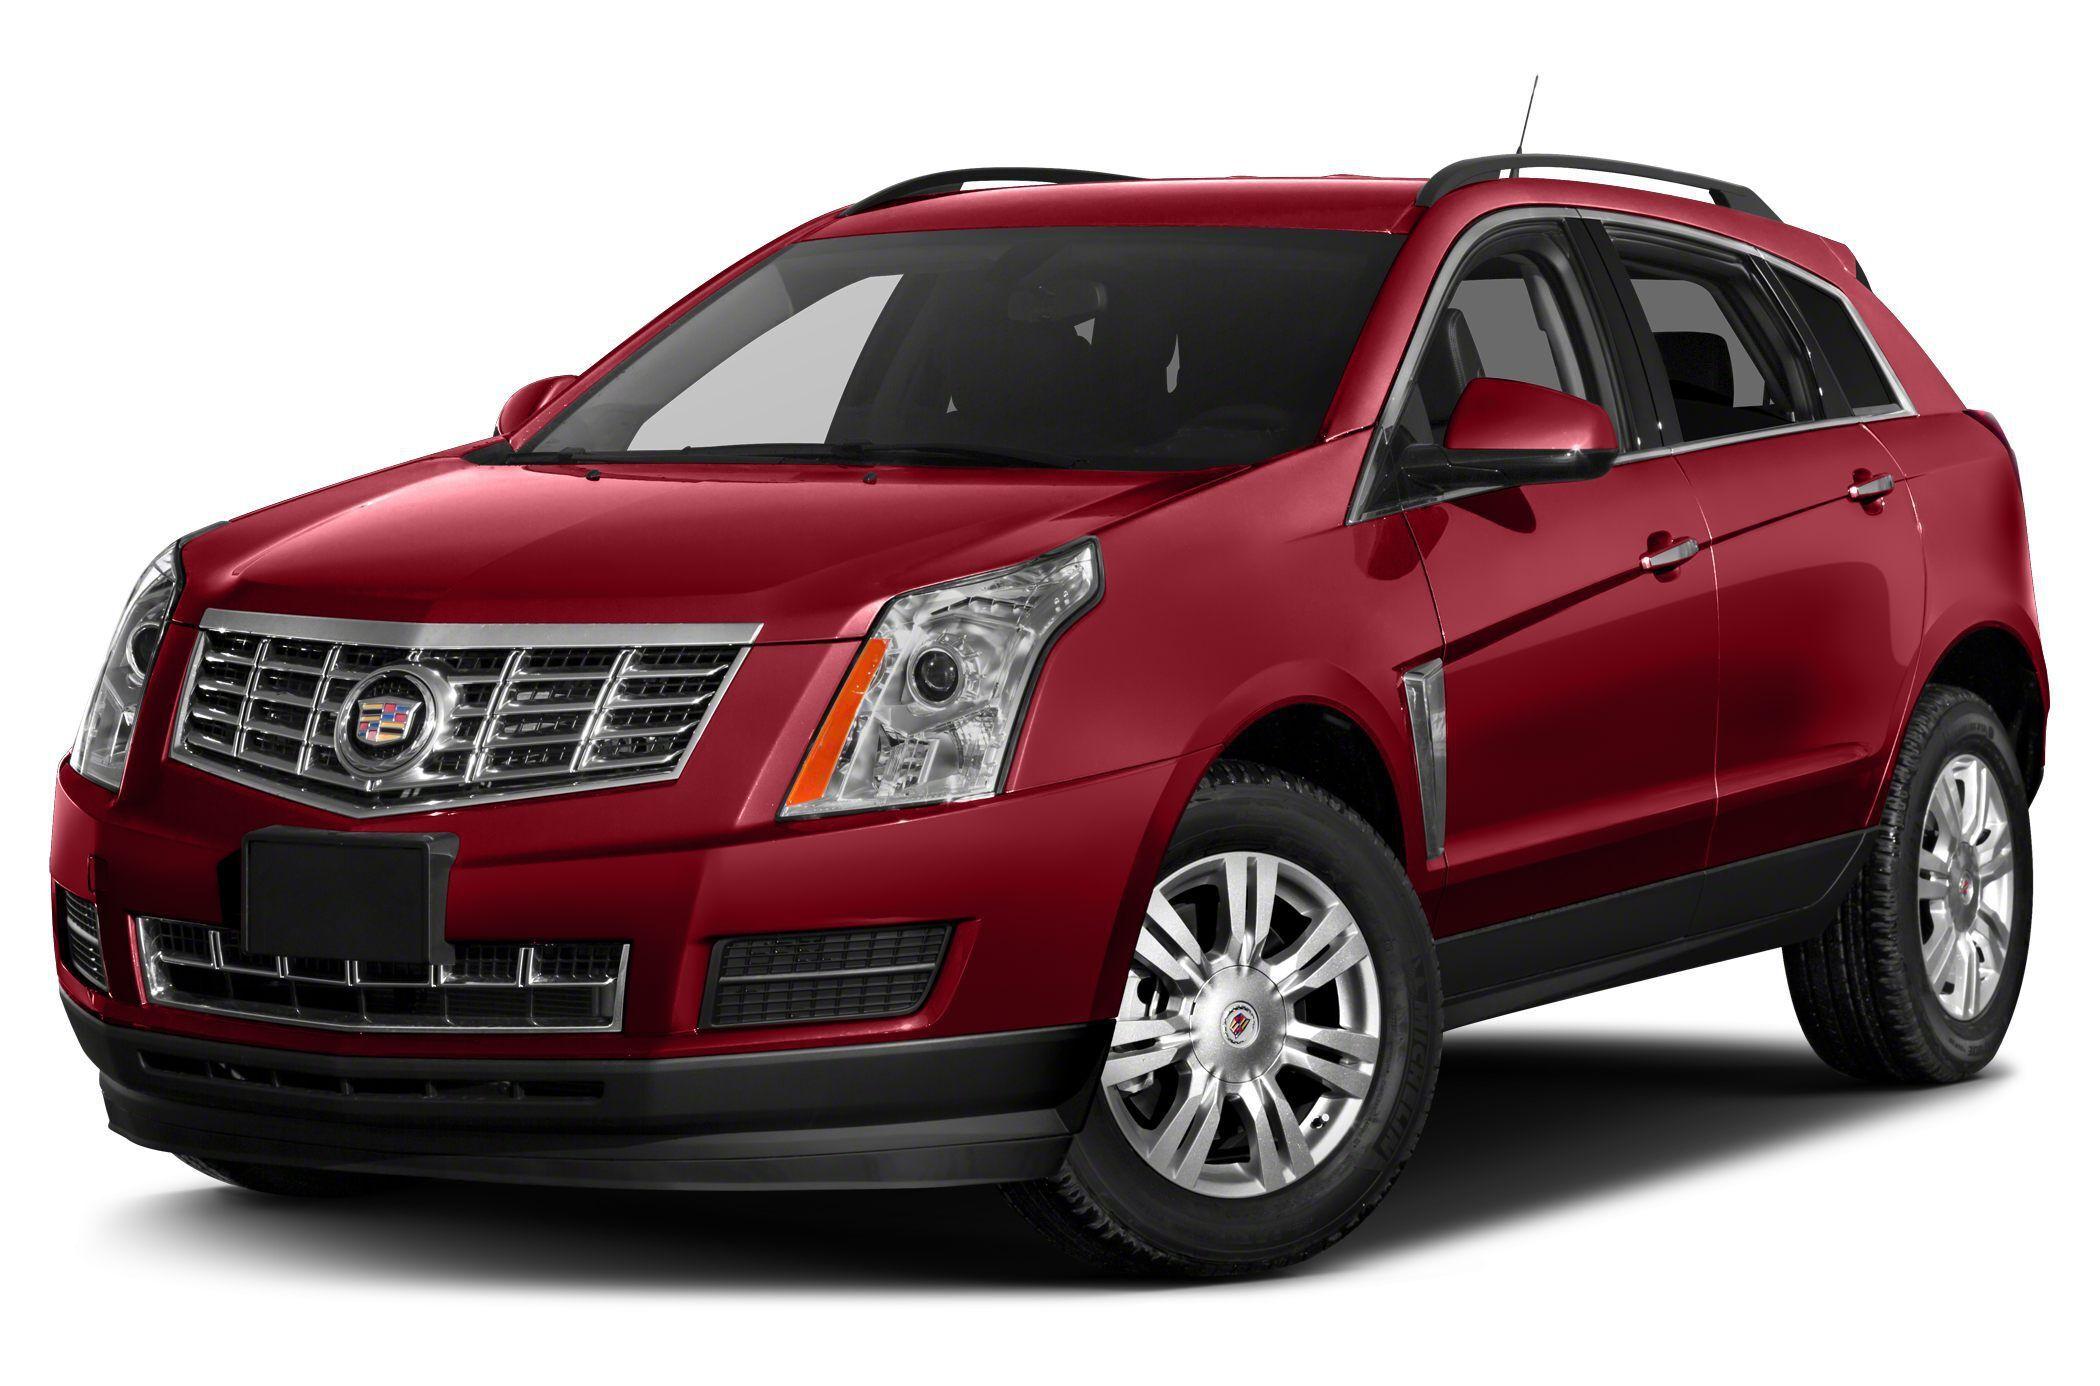 General Motors SRX